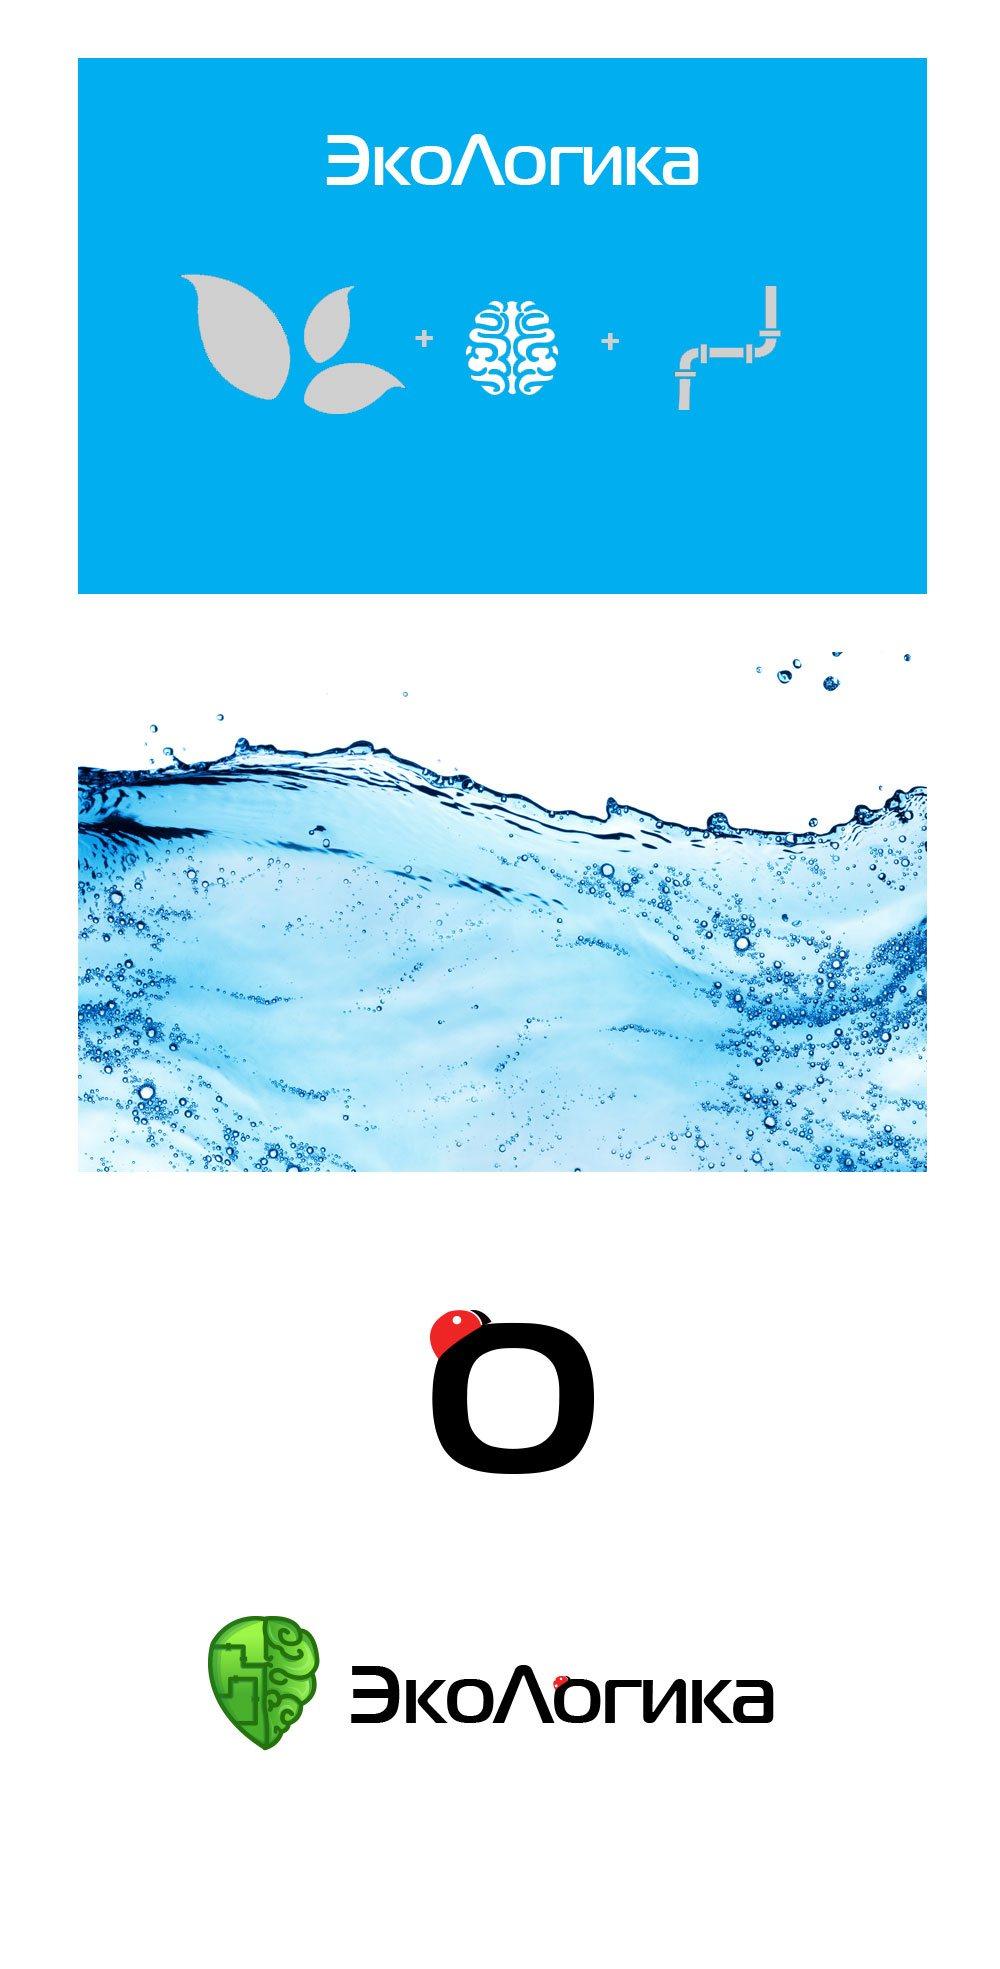 Логотип ЭКОЛОГИКА фото f_971593fa04421356.jpg